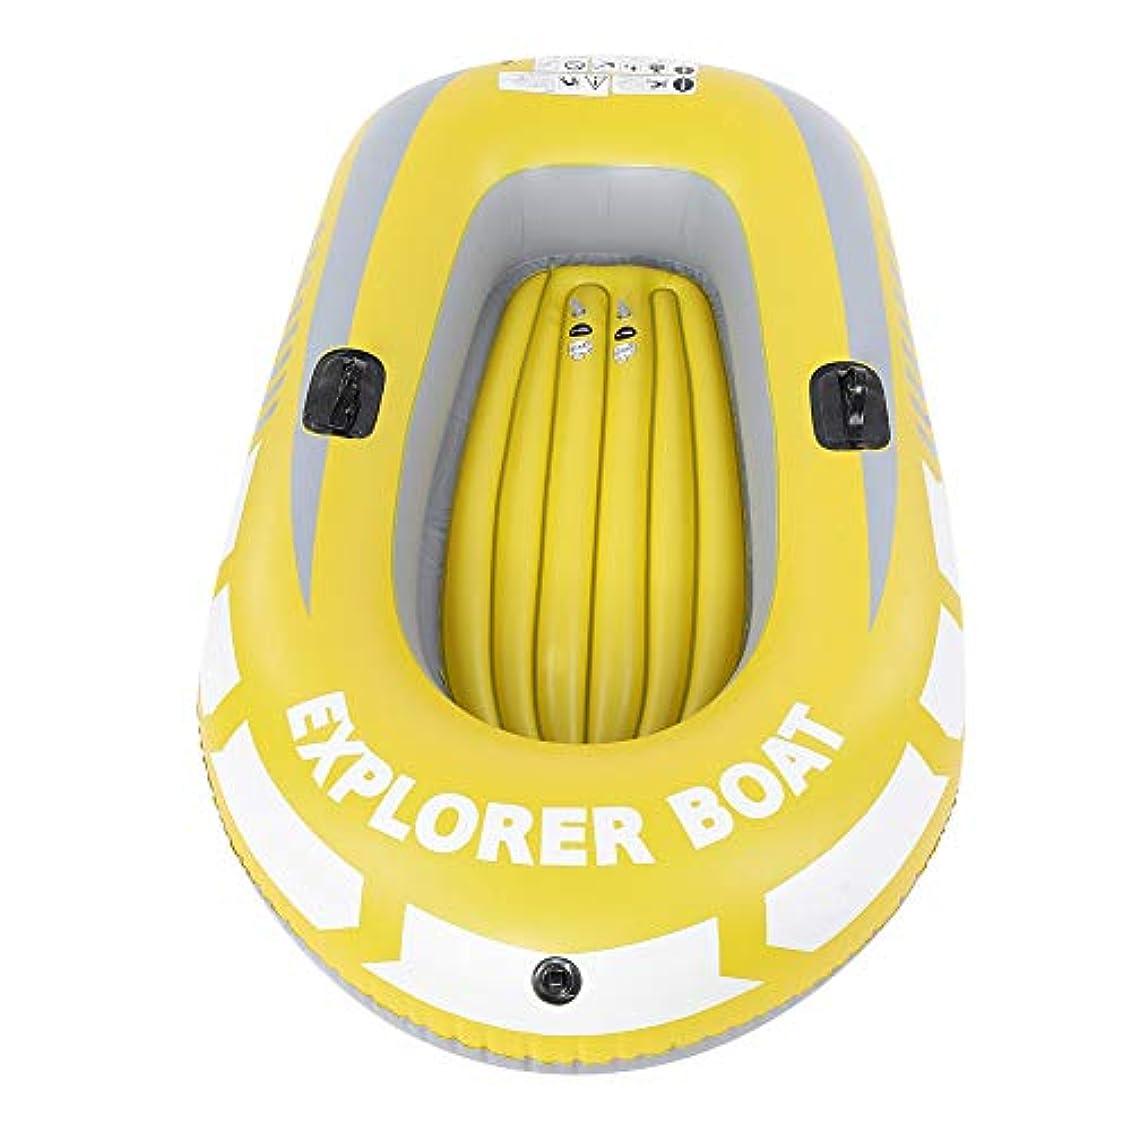 結婚褒賞効率的にTOPINCN インフレータブルボート エアー 空気入れ カヤック カヌー PVC材料 軽量 気密性 耐摩耗性 膨張収縮容易 2人用 釣り/漂流/ダイビング